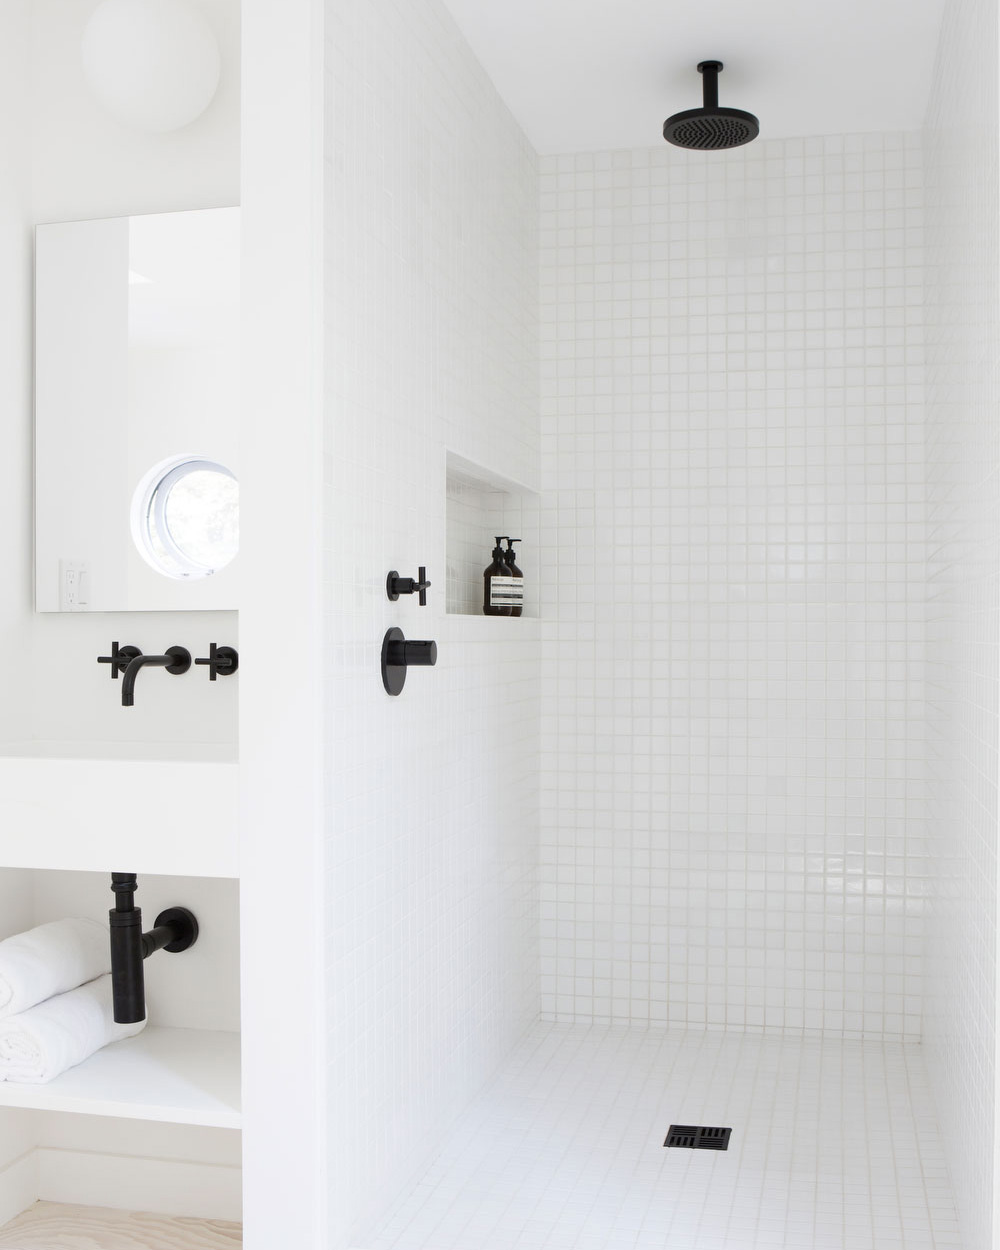 salle de bain blanche robinetterie noire